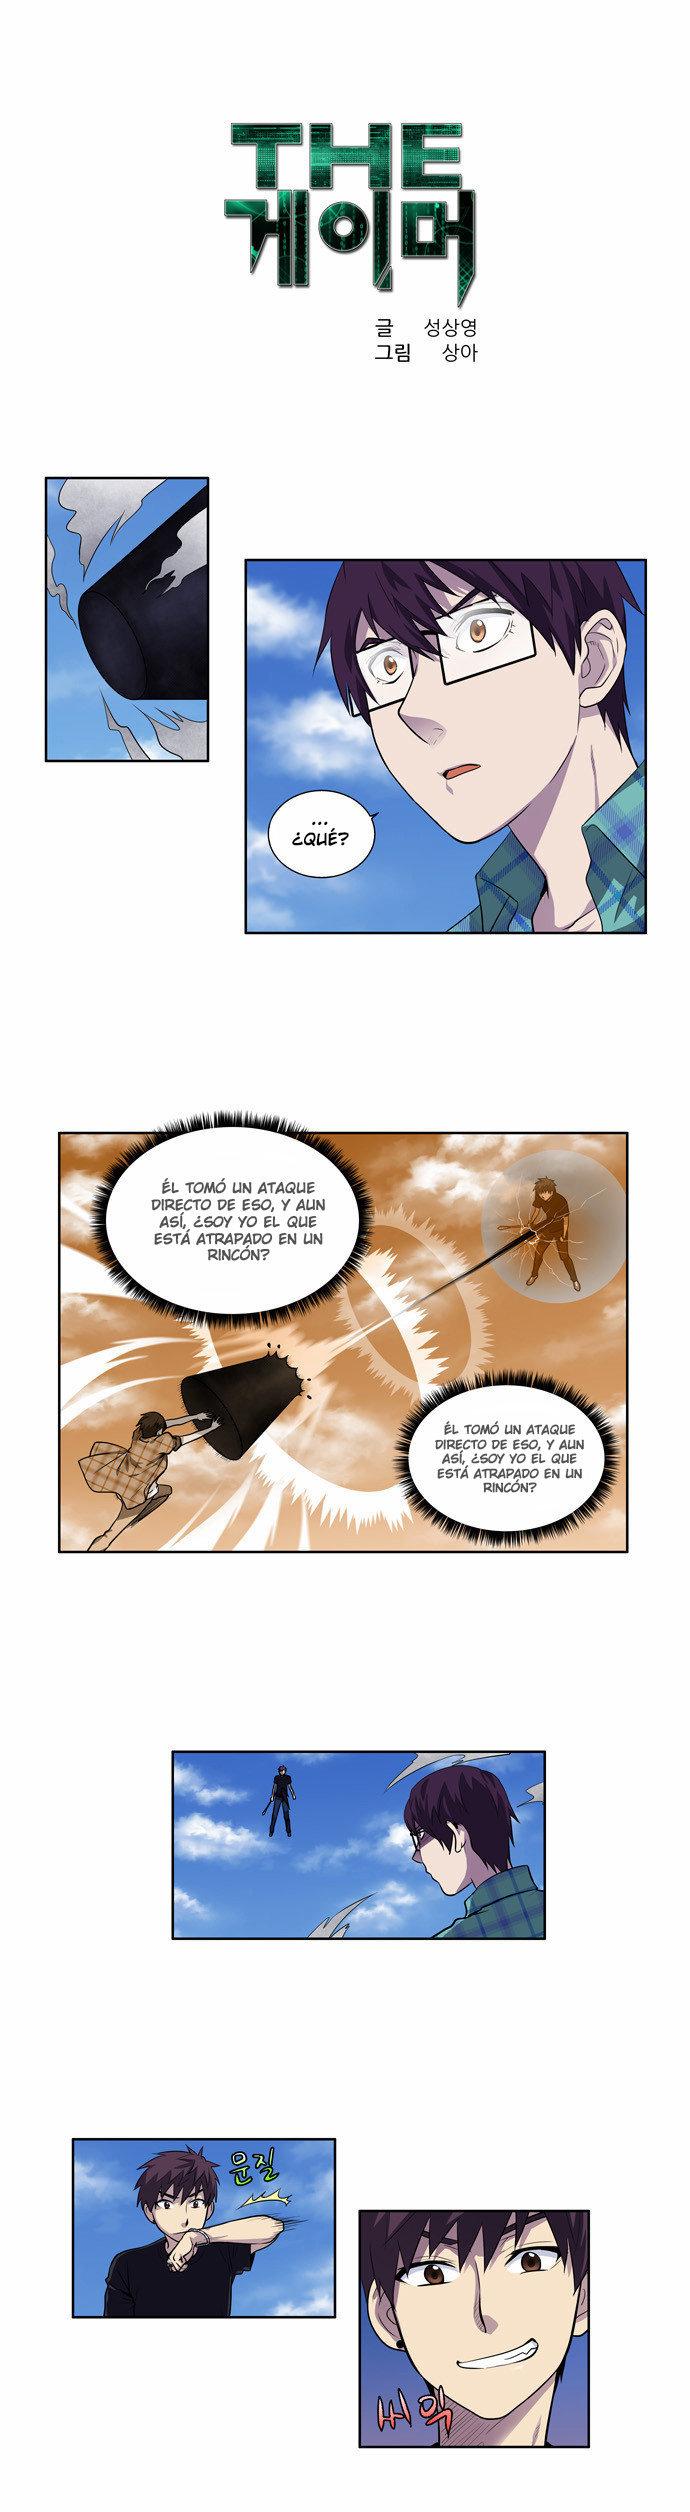 https://c5.ninemanga.com/es_manga/61/1725/442818/90db00f685c2967774fb398fb77c029f.jpg Page 2